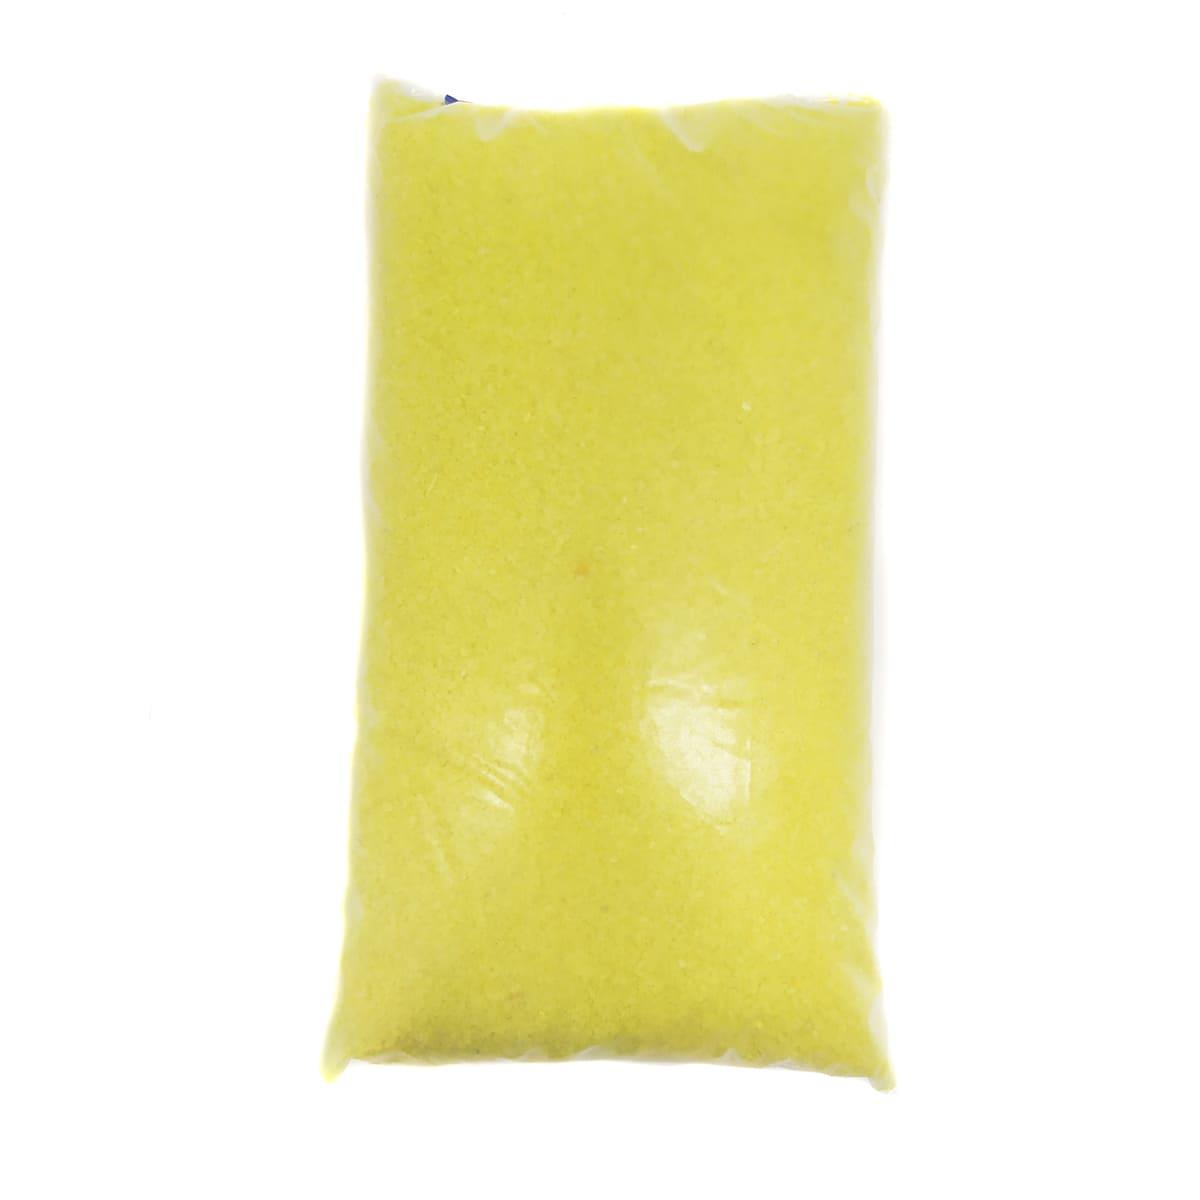 Areia Amarela para Aquários e Jardins Decoração Nº 0 - 1kg